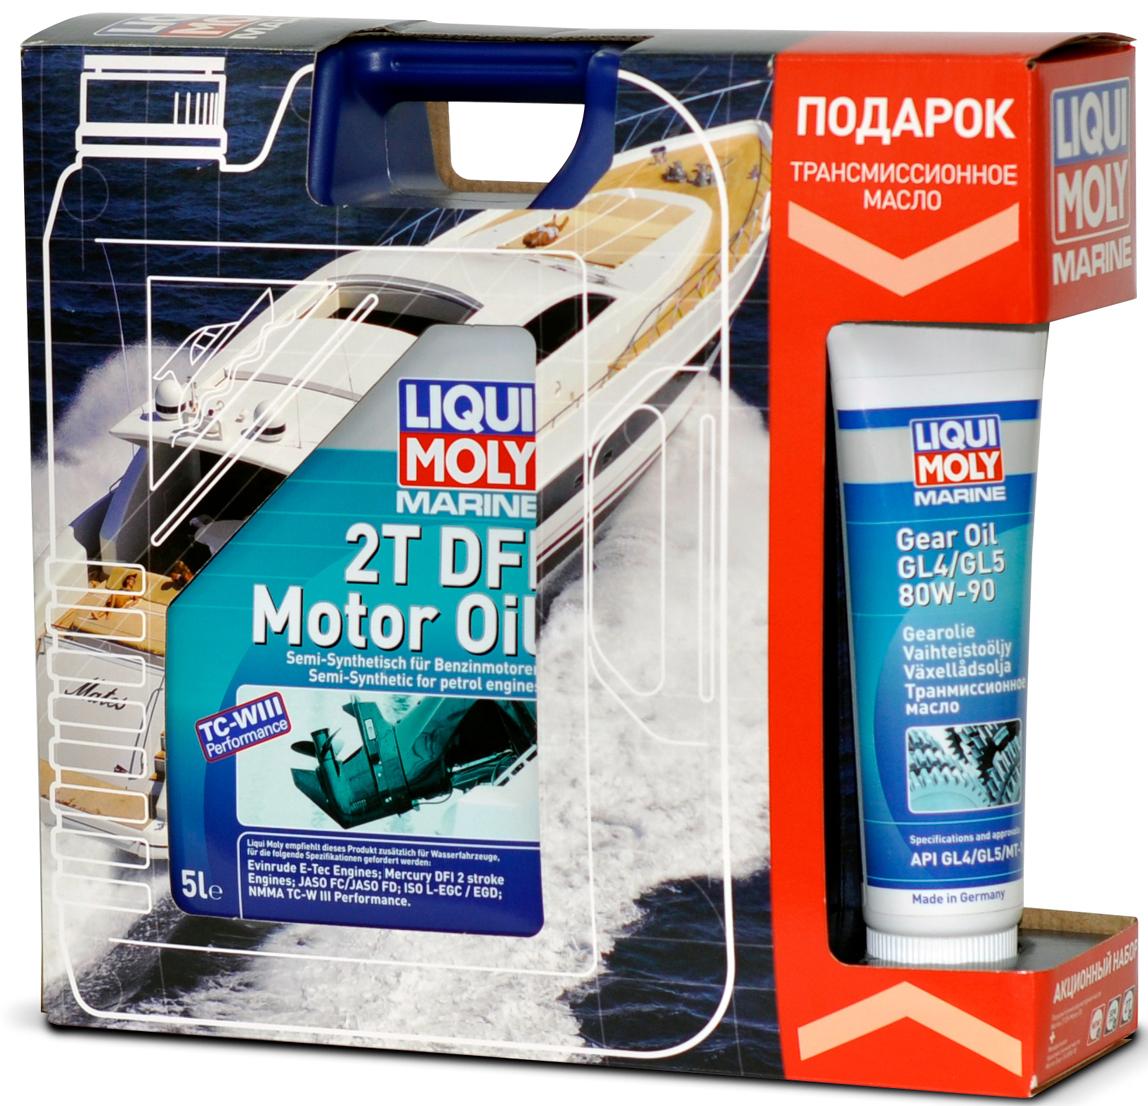 Моторное масло Liqui Moly Marine 2T DFI Motor Oil, полусинтетическое, 5 л + ПОДАРОК масло 2 х тактное полусинтетическое dde 1 50 1л красное